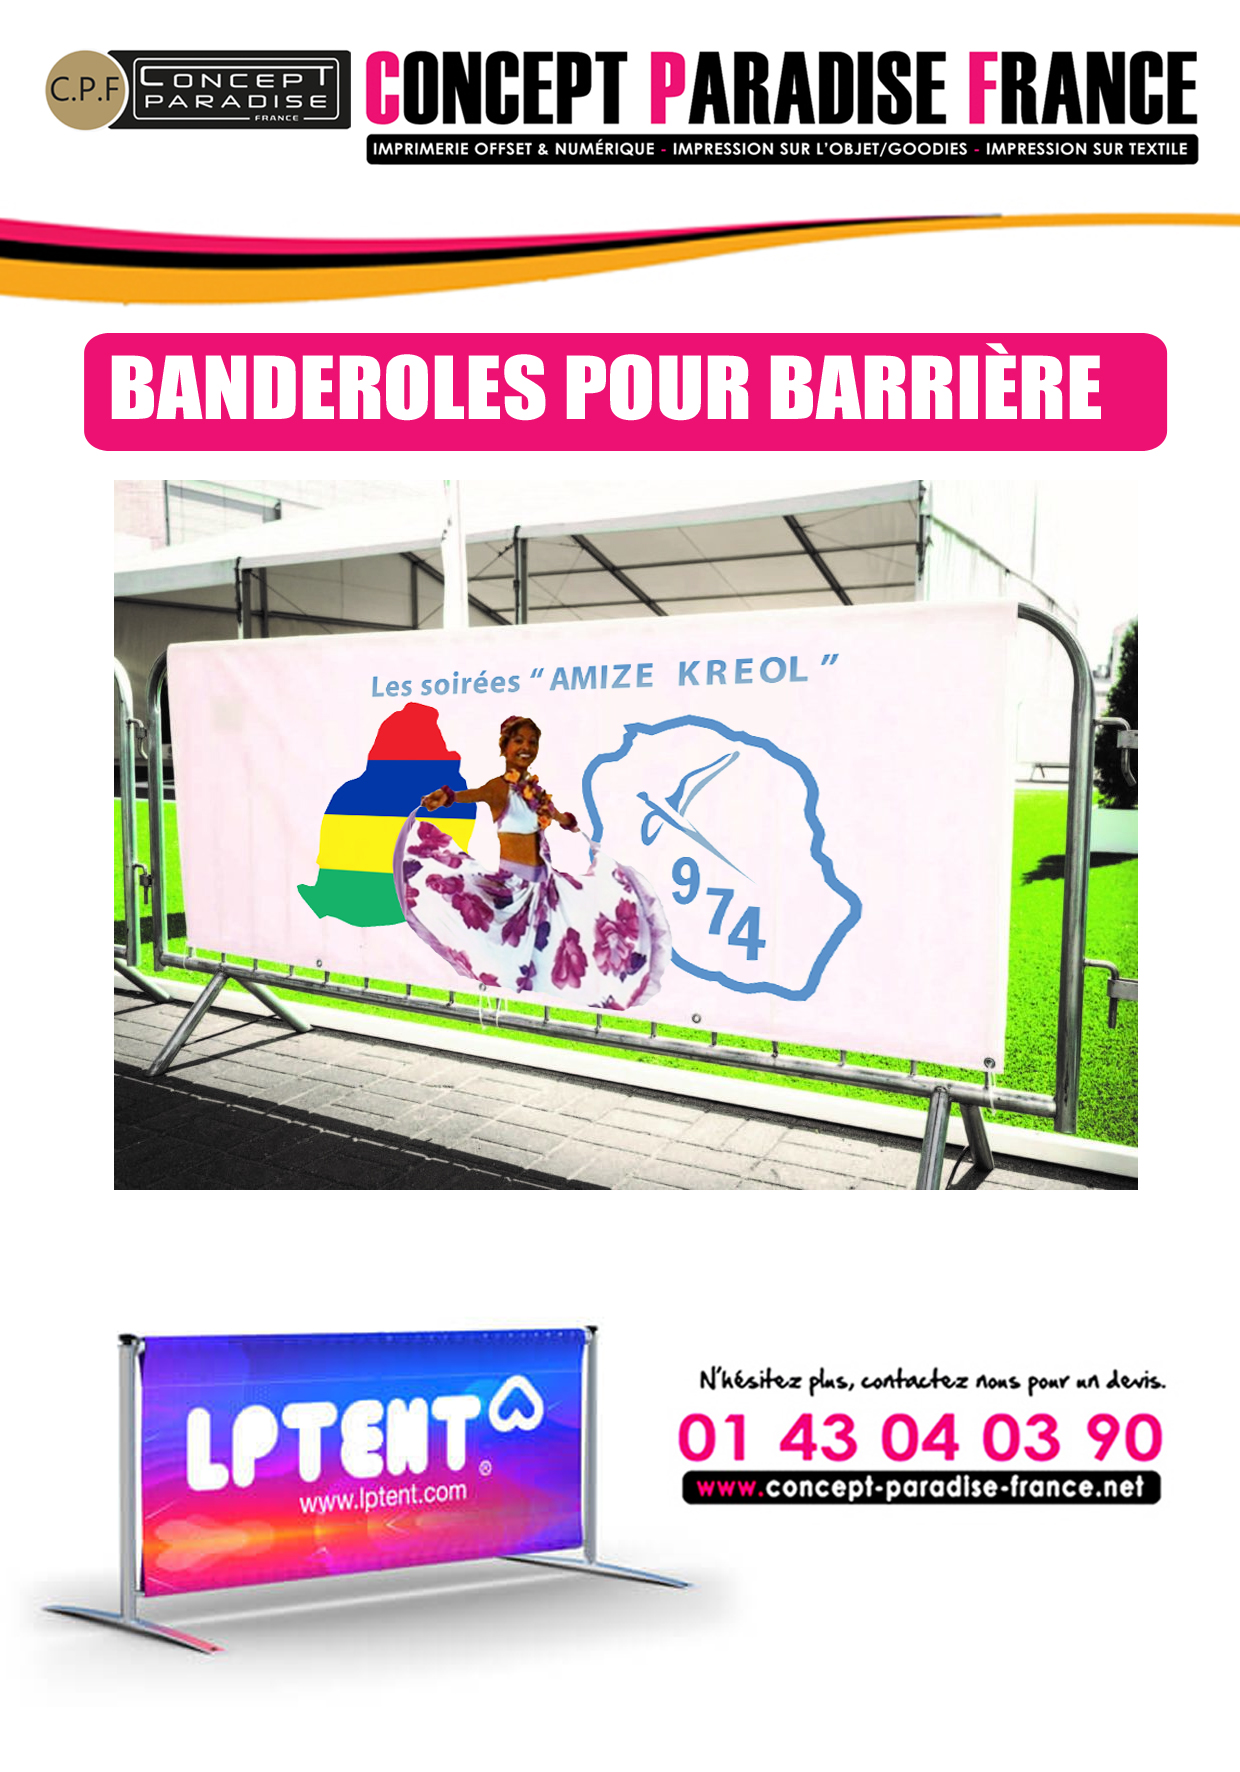 BANDEROLES POUR BARRIÈRE